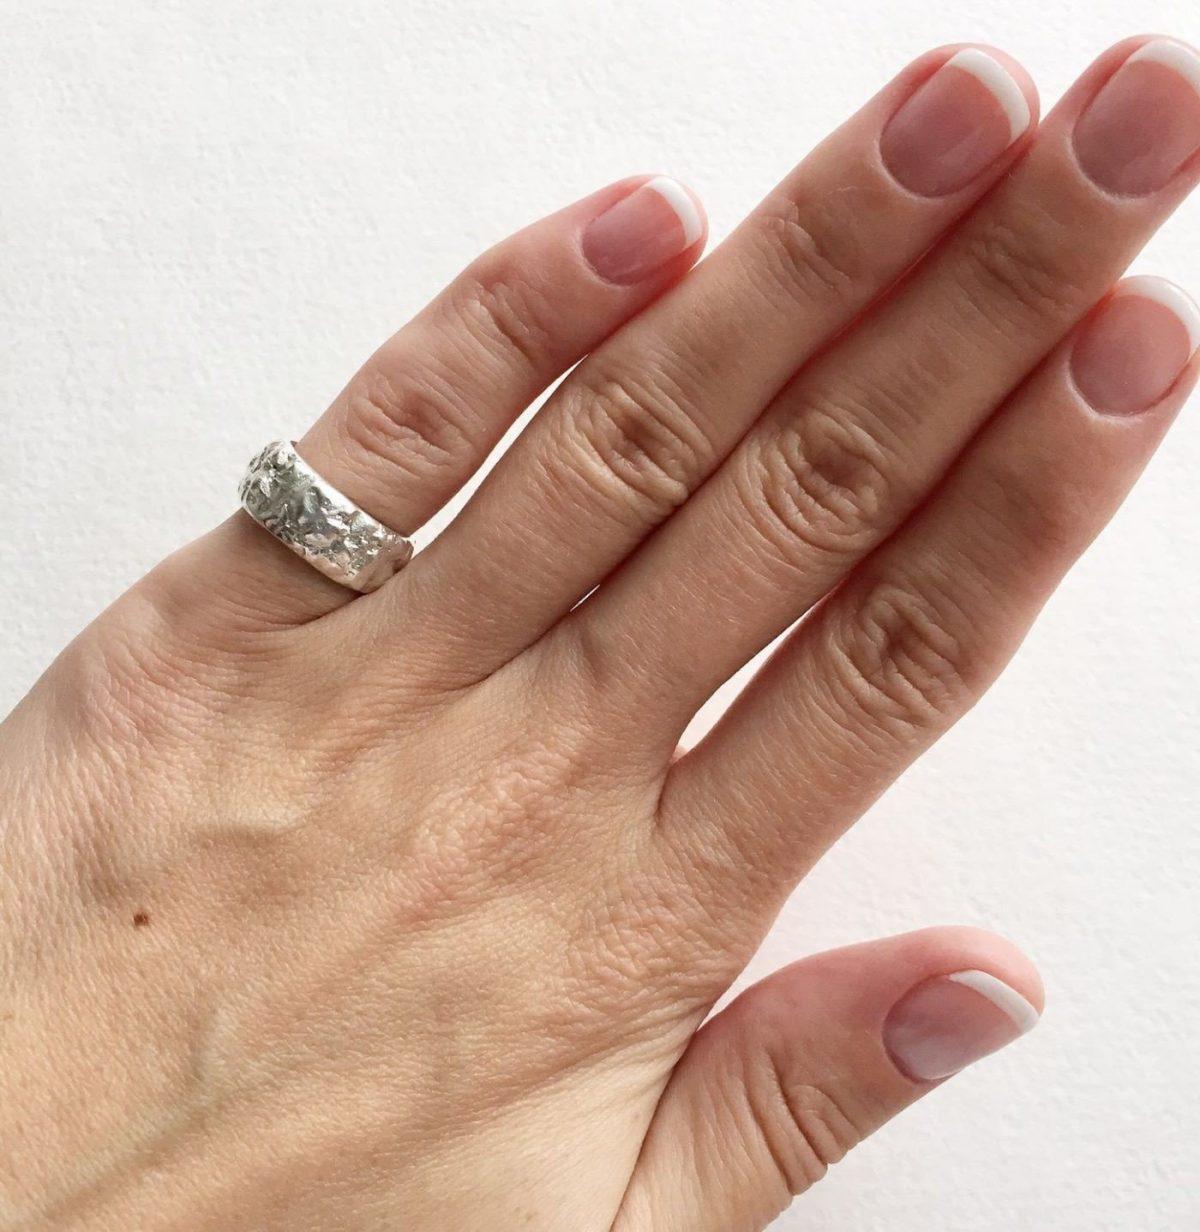 кольцо на мизинце широкое серебро